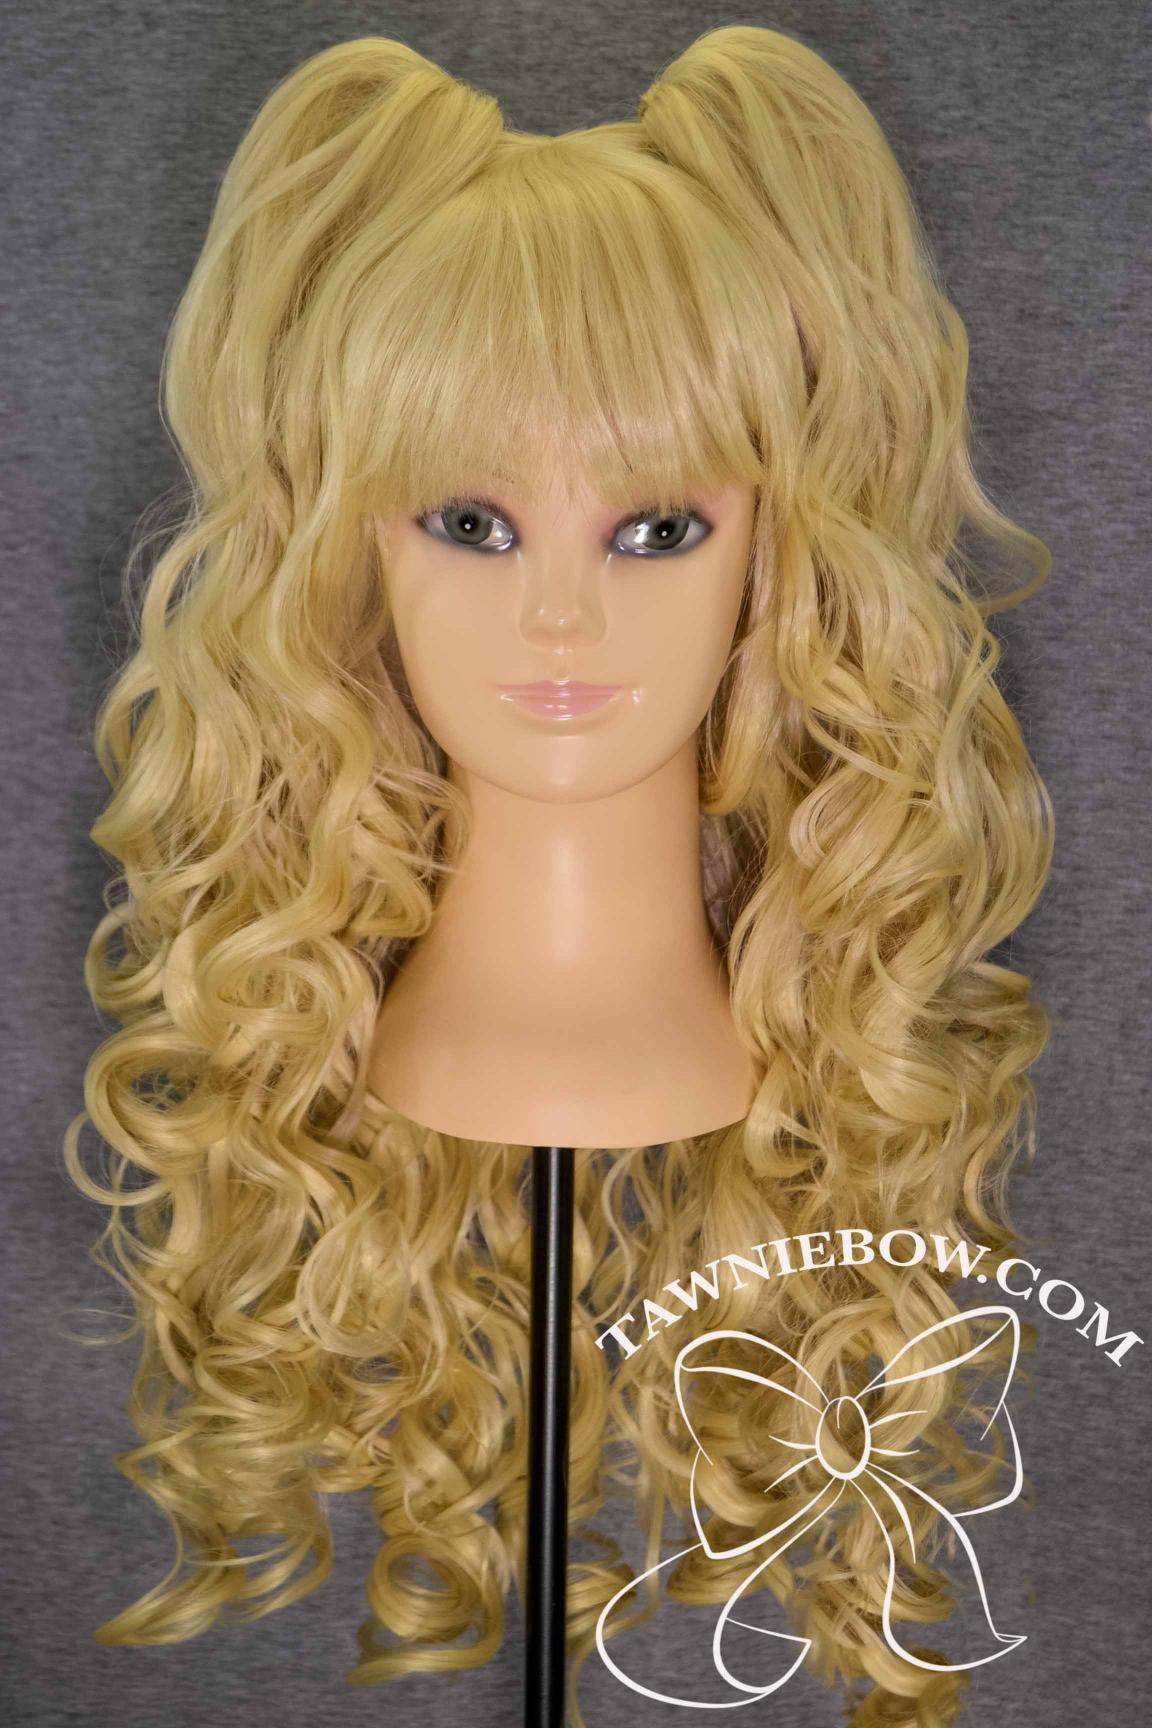 blondiefronttails